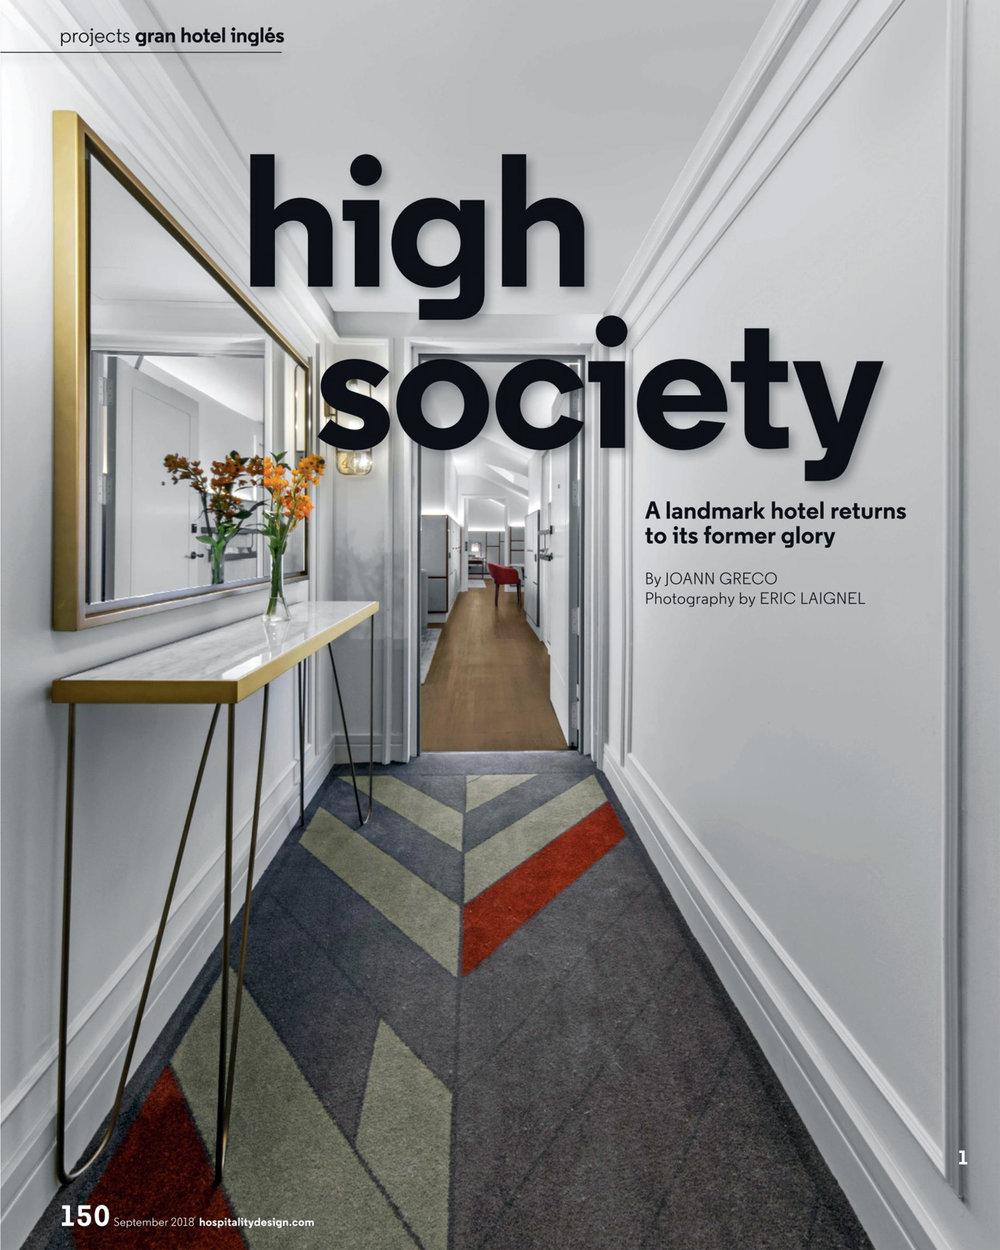 Hospitality Design - September 2018 150 - 153-1.jpg